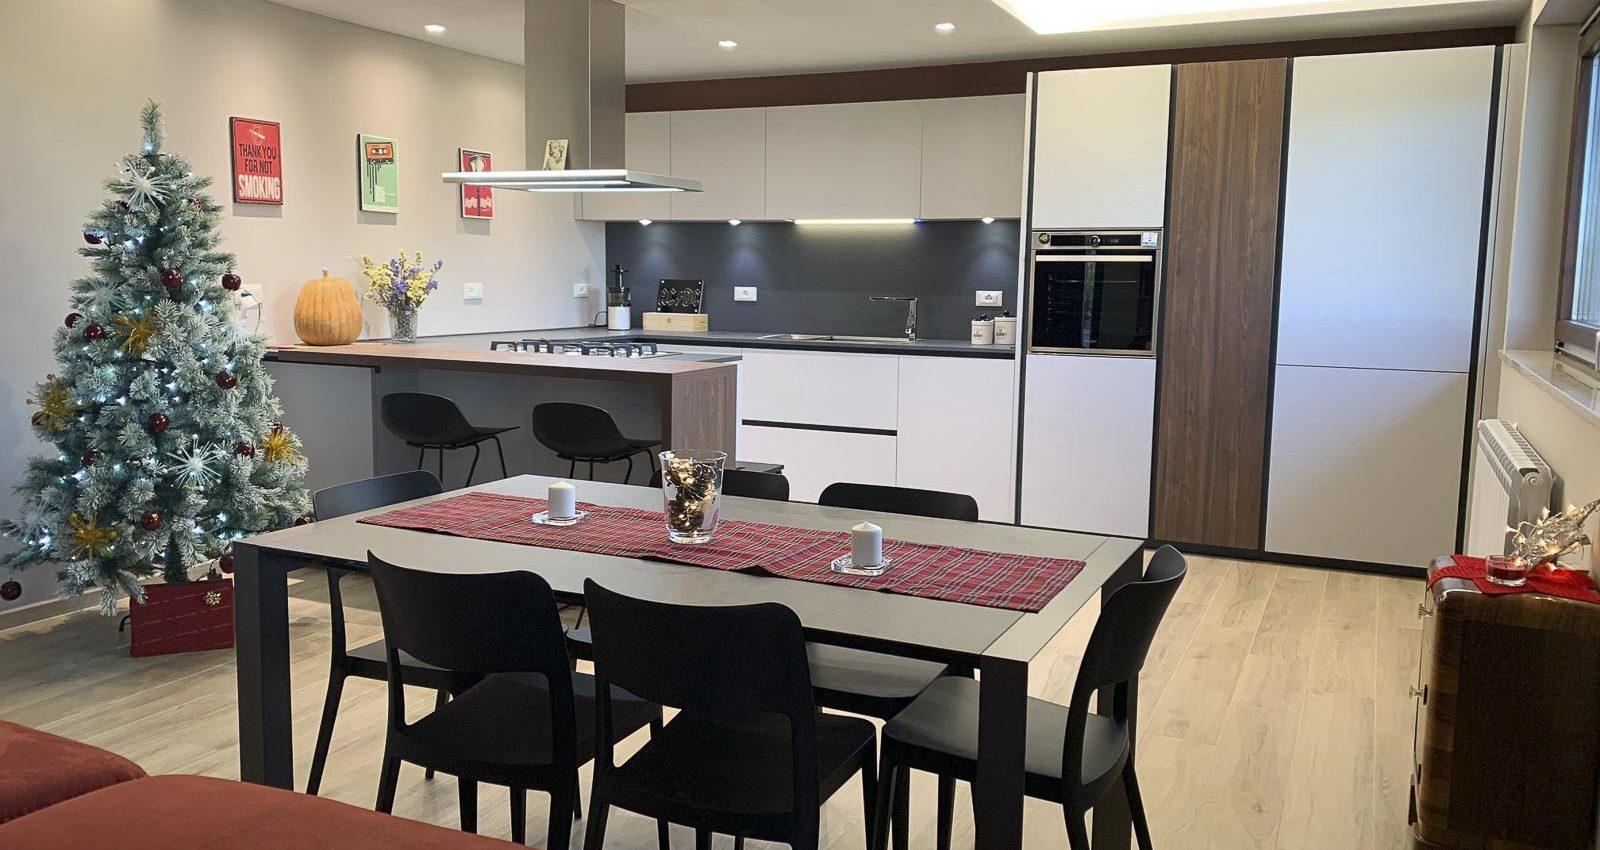 Cucina Creo e Interior Design Zona Living3